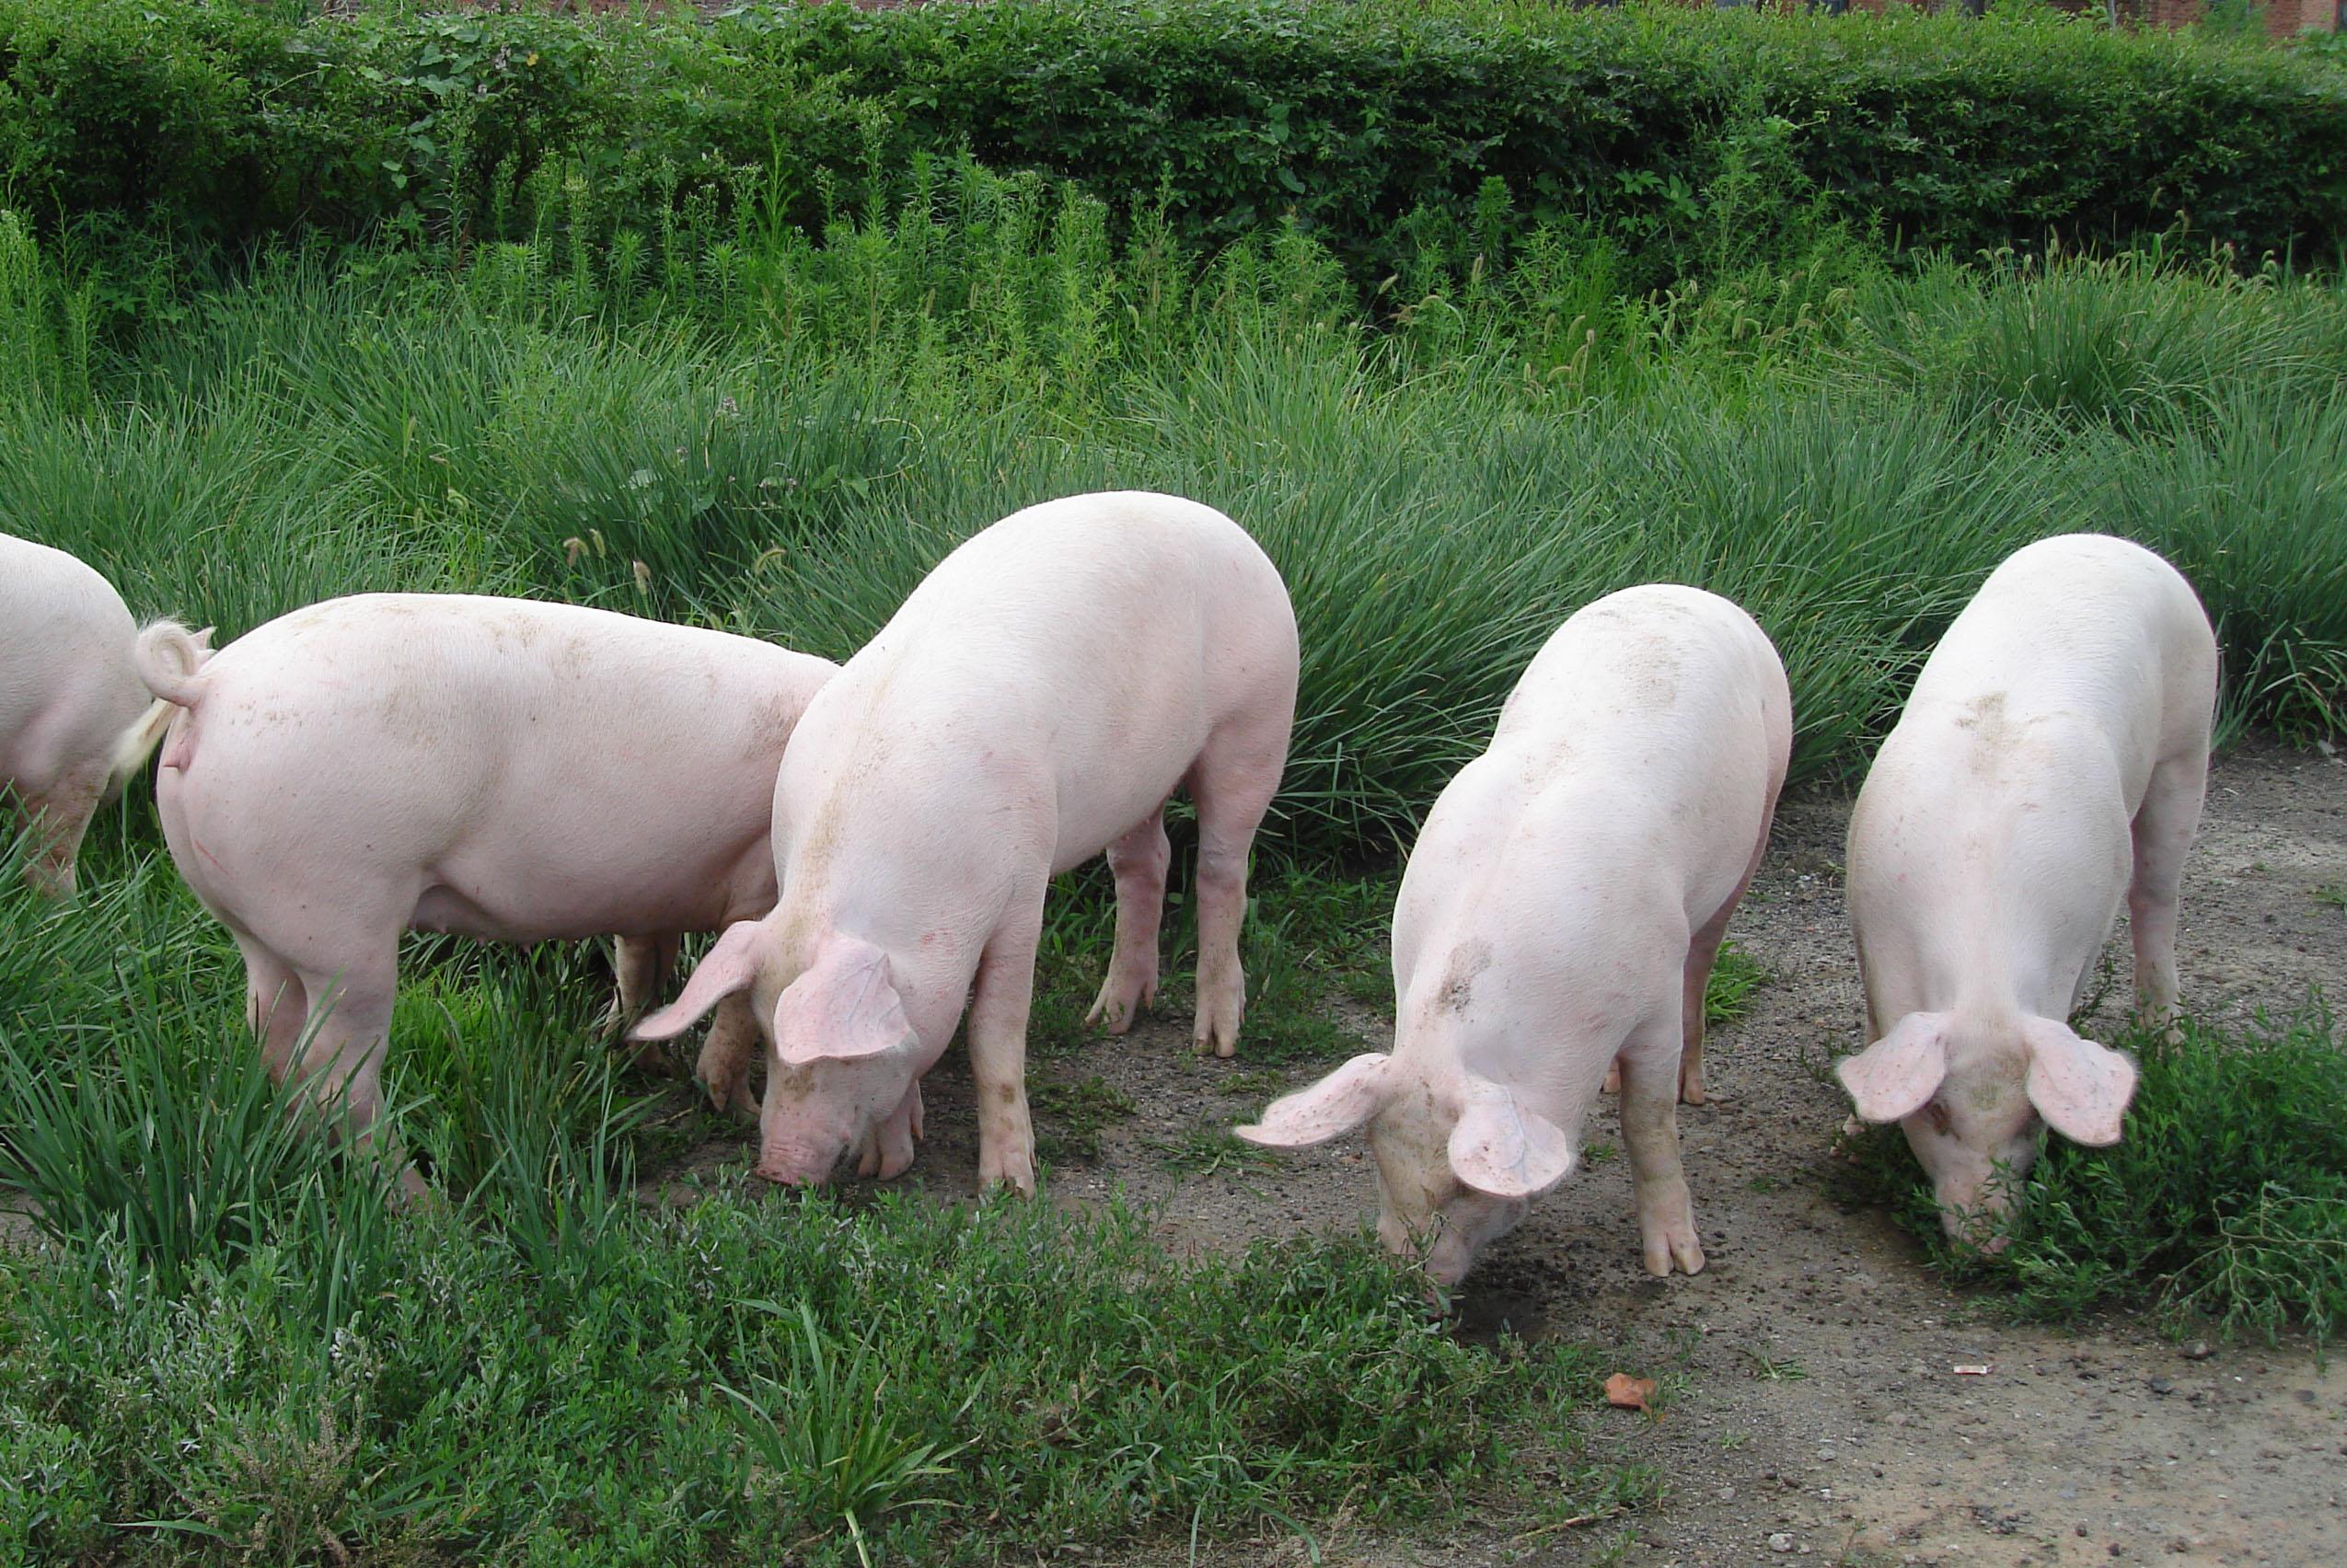 国家冻肉储存4个月!一次性收储2万吨,对全国有何影响?收储还会有后续吗?